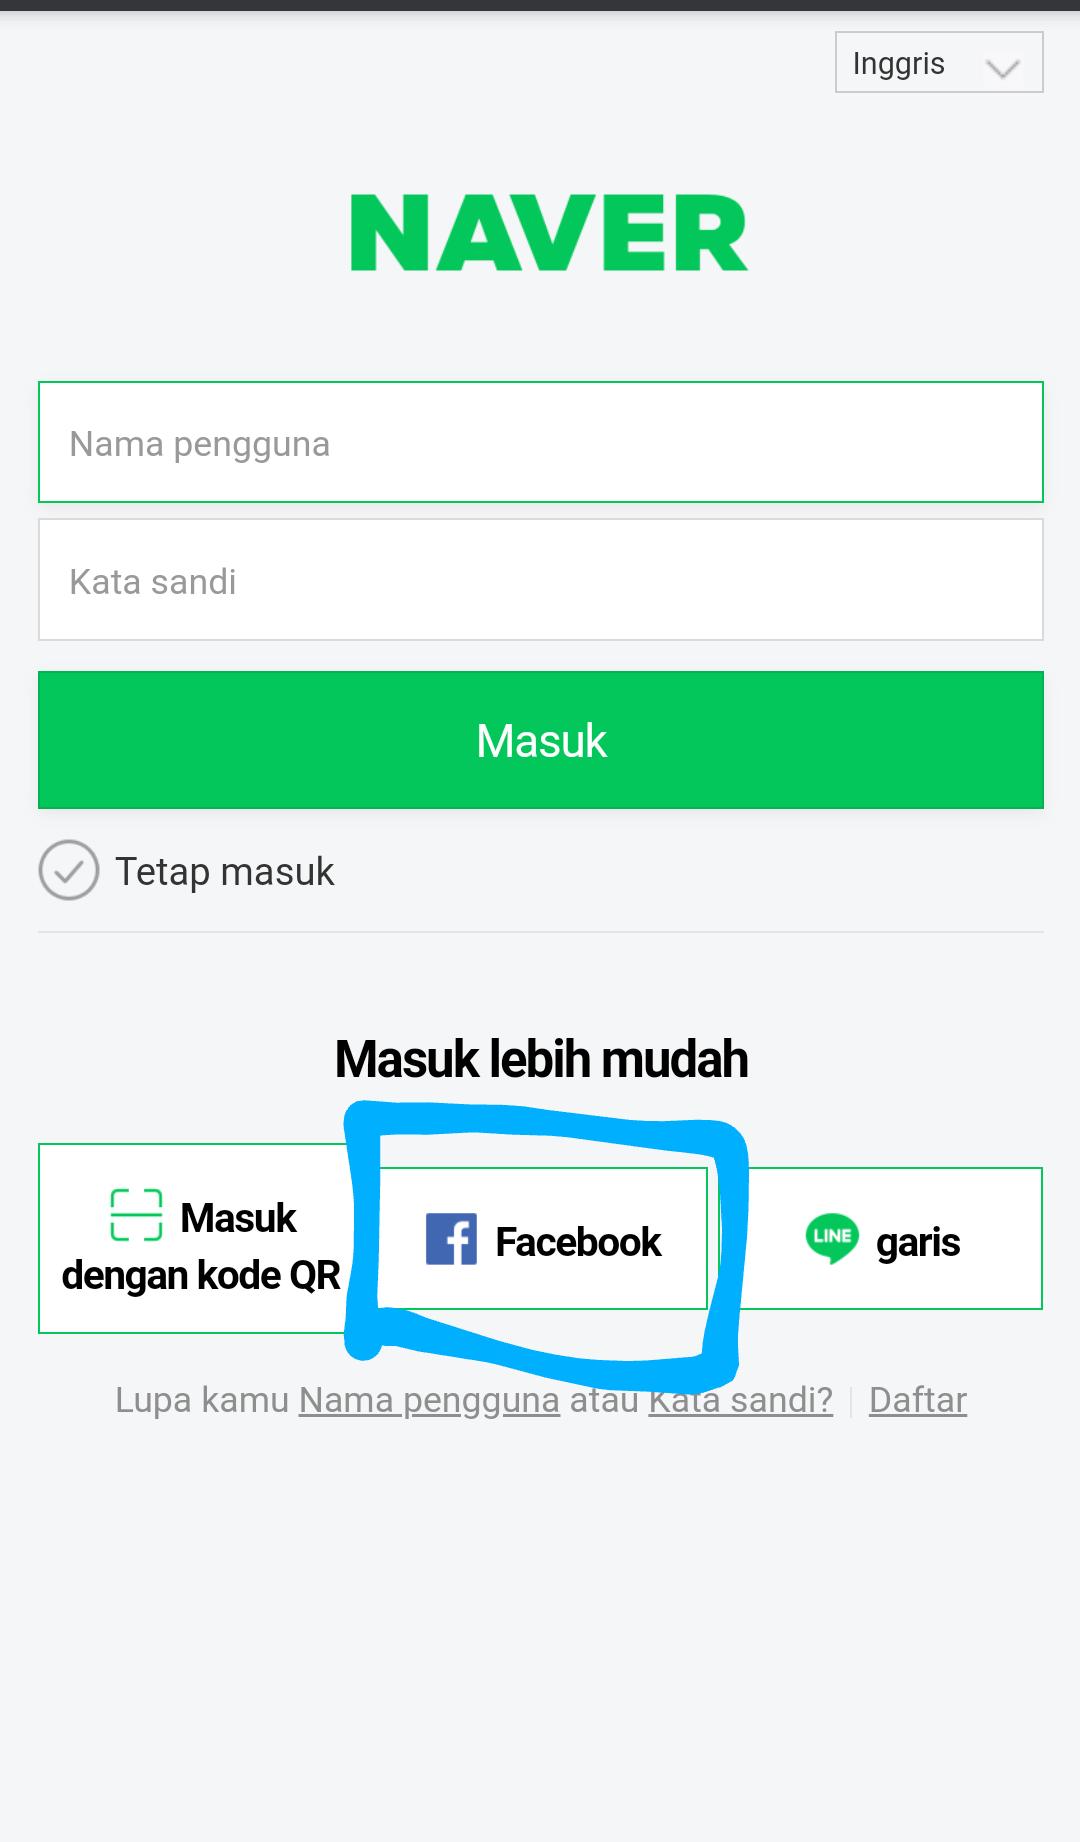 1. Masuk dengan menggunakan Facebook